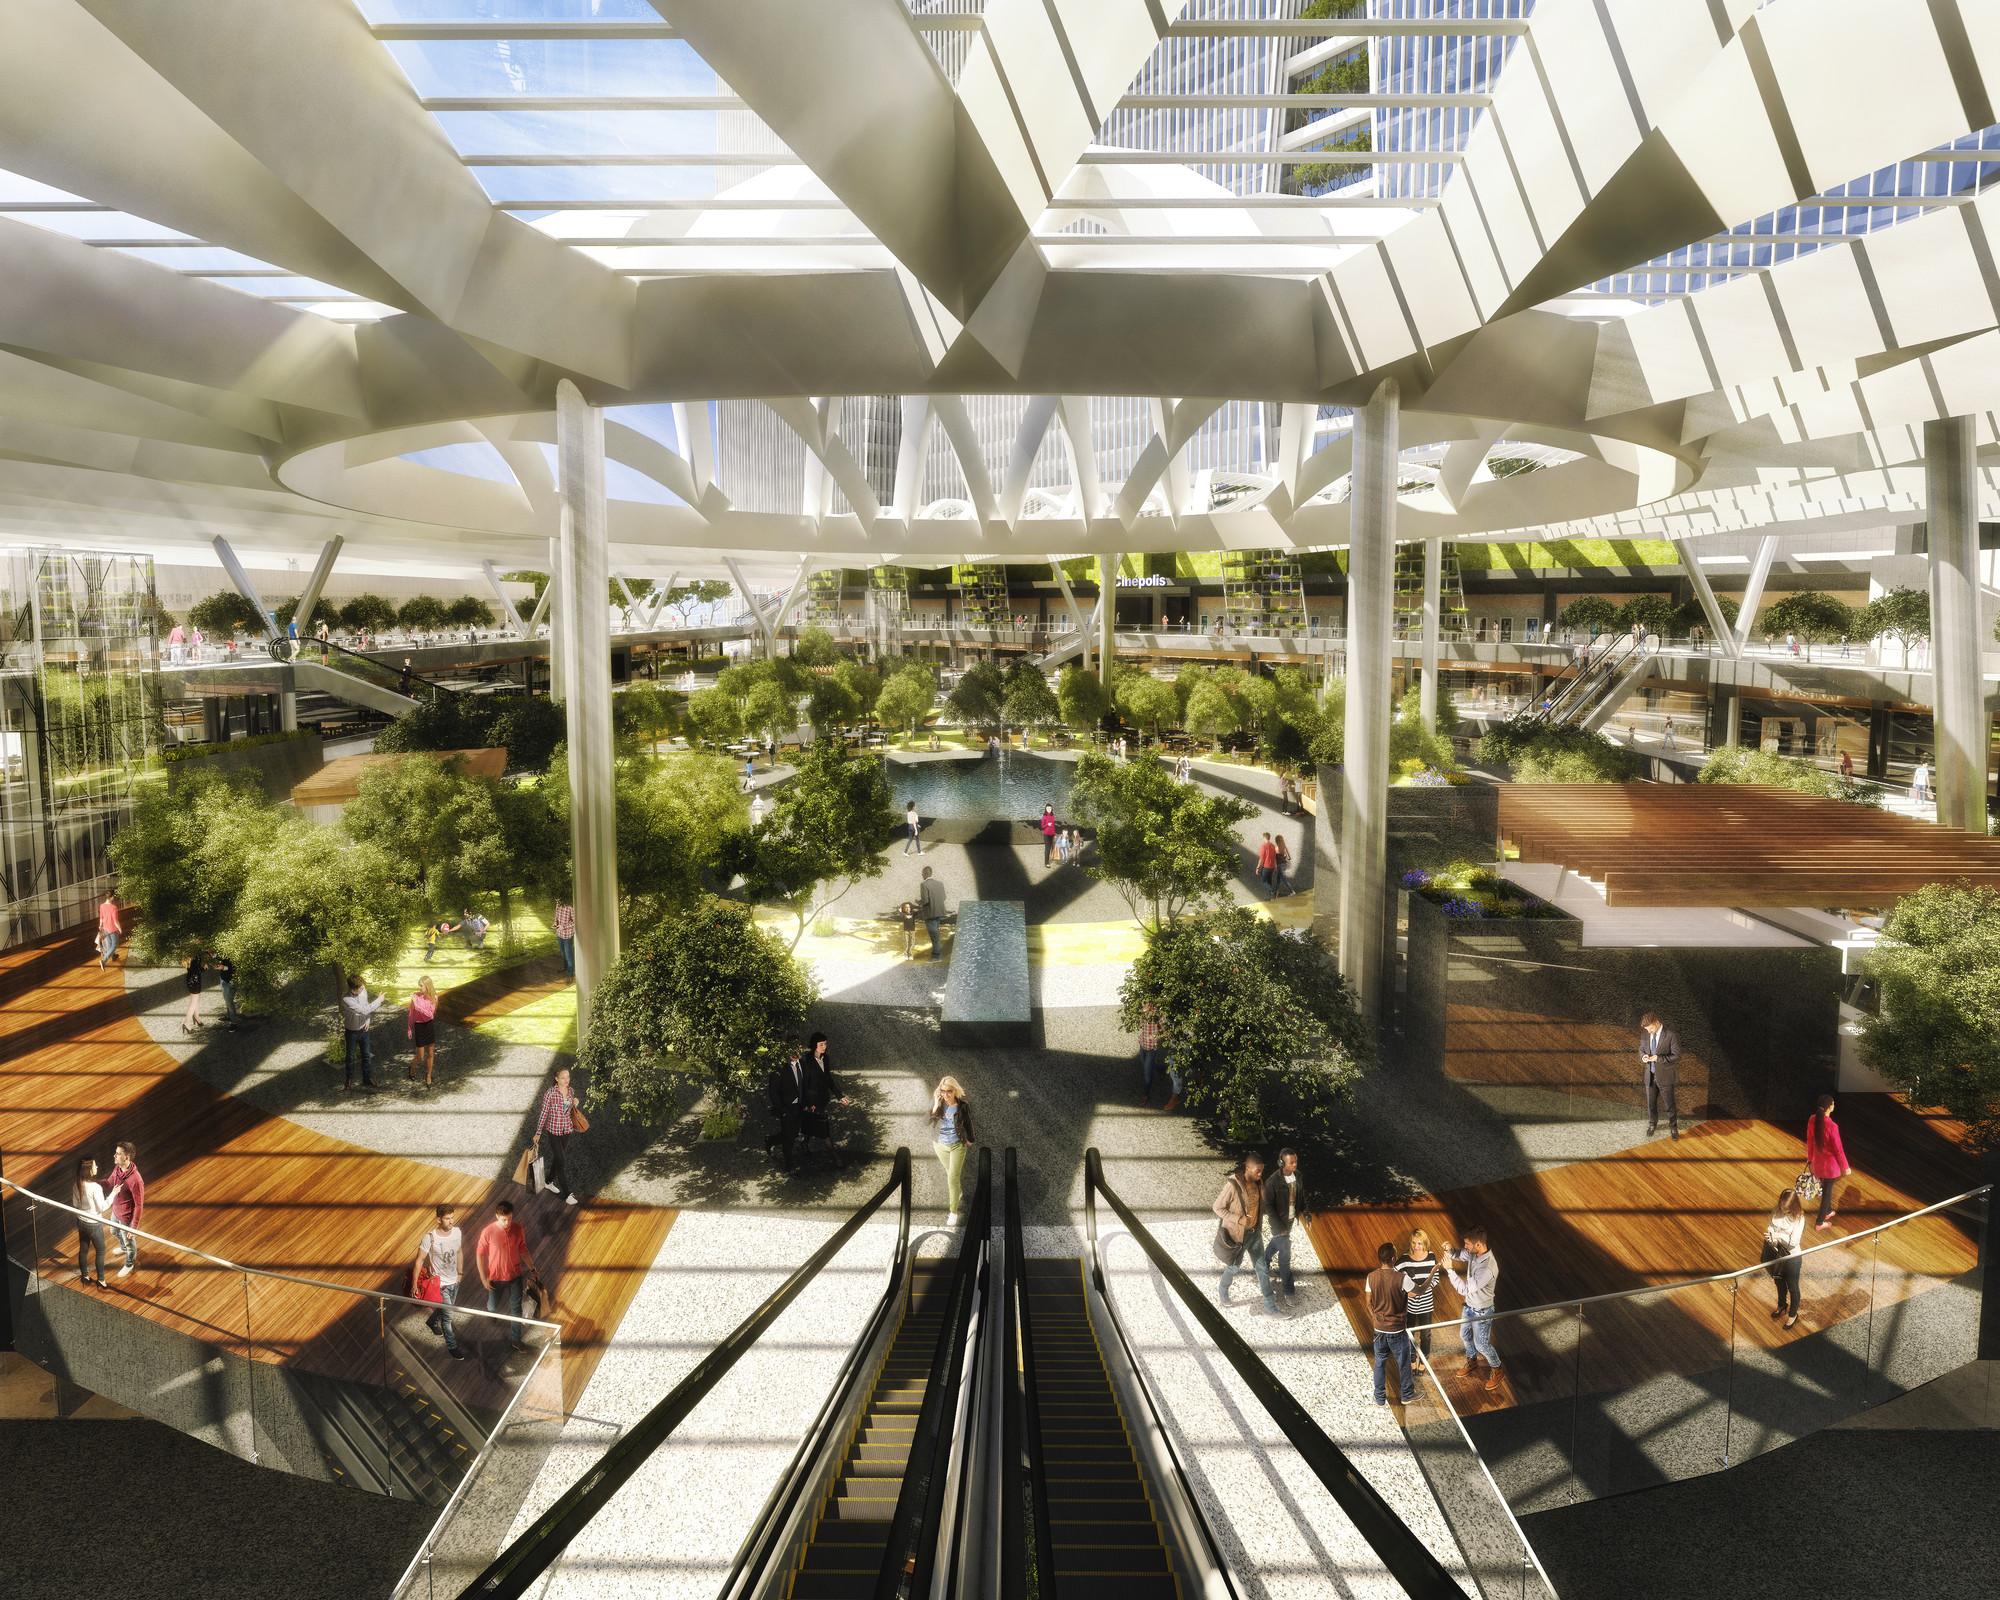 Sordo madaleno arquitectos presenta proyecto de transformaci n urbana parque toreo archdaily - Arquitectos y decoradores de interiores ...